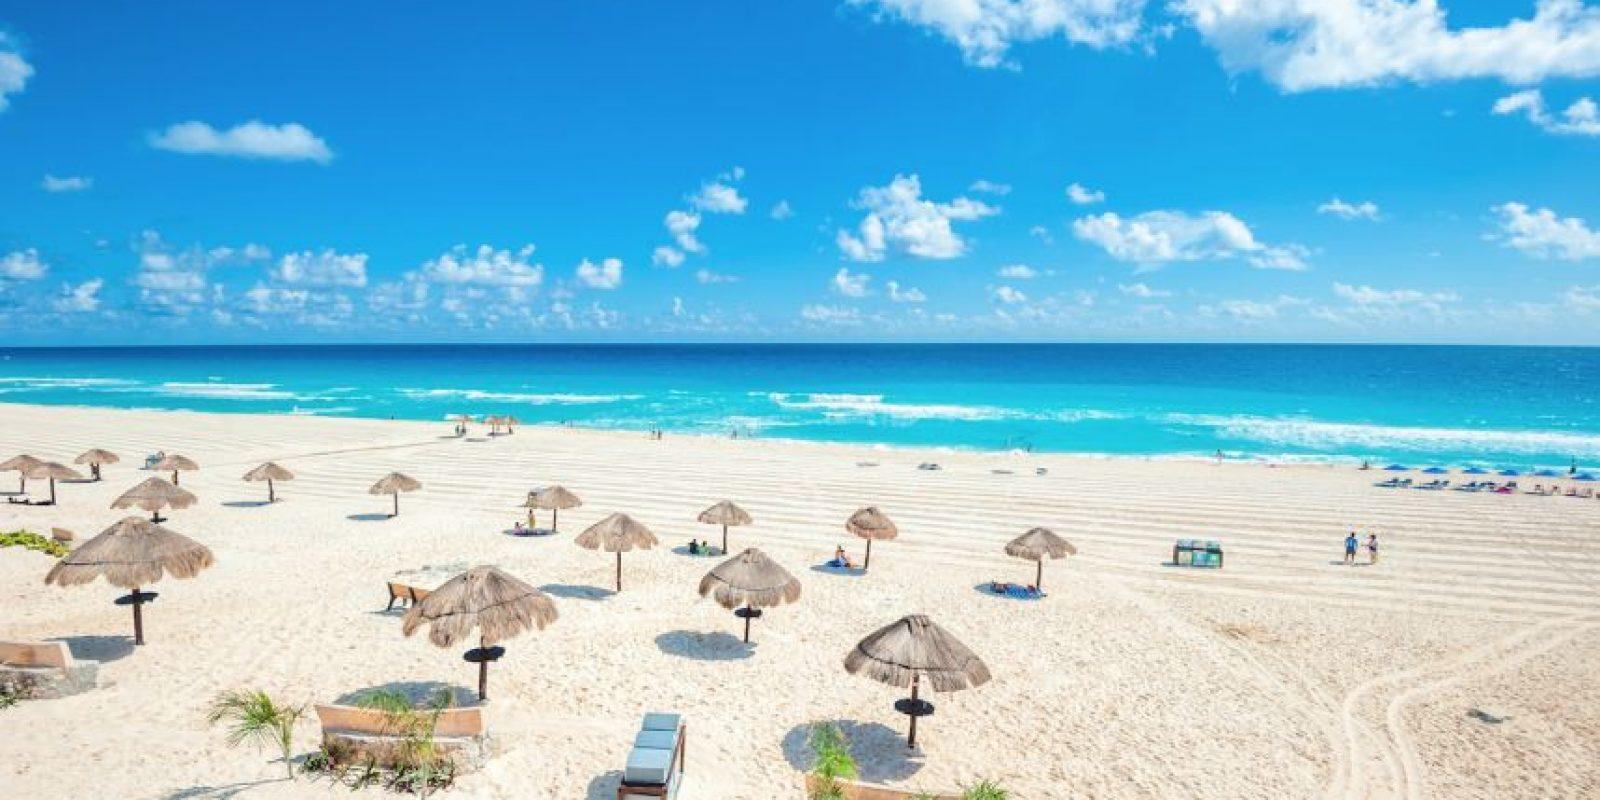 Éstas son las playas mexicanos que enamoraron a los viajeros Foto:Dreamstime